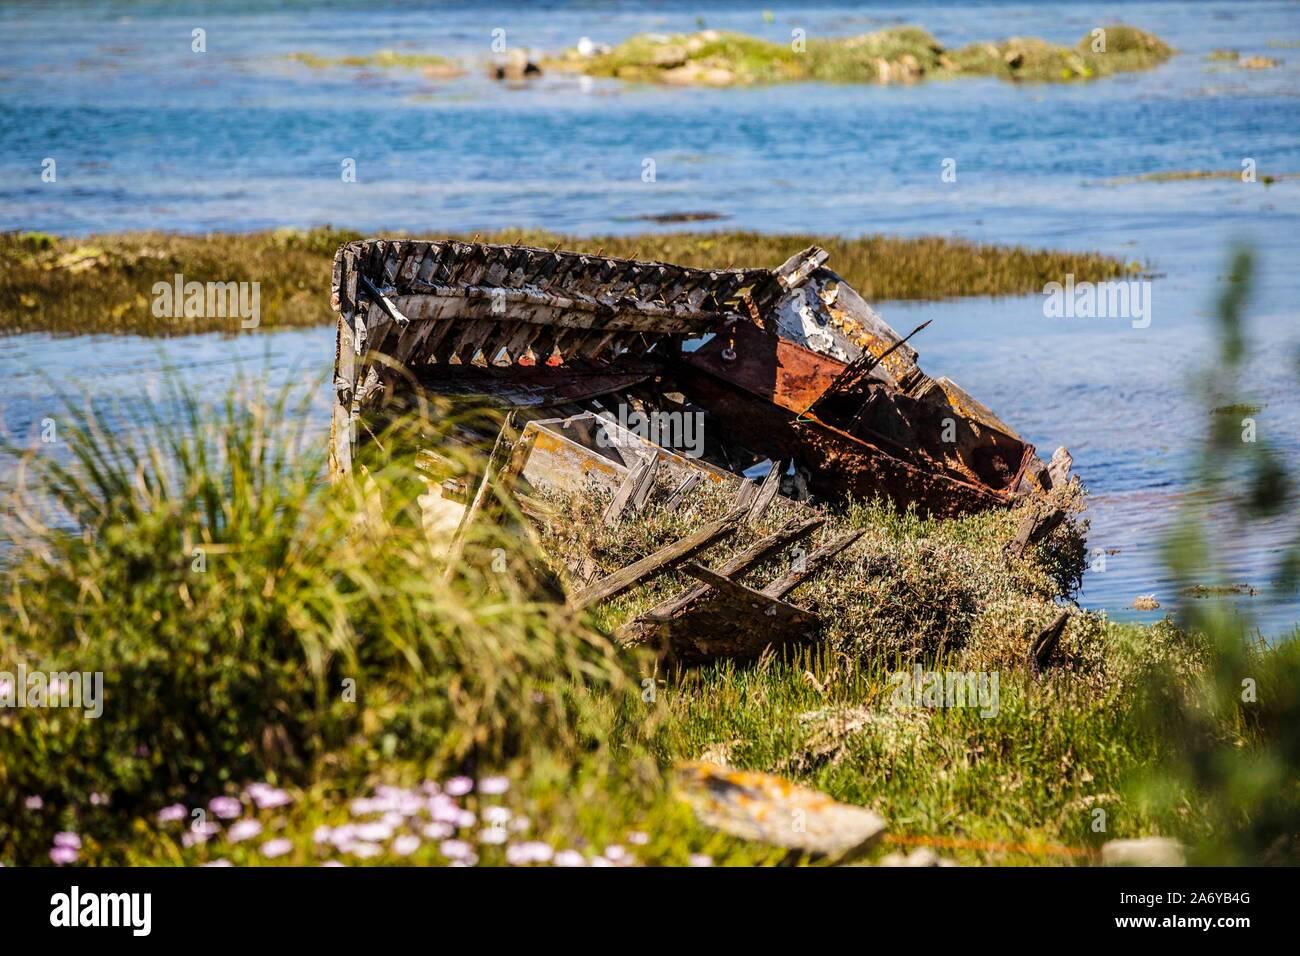 Ein altes Holzboot verrottet aan einem Strandstück in der Bretagne. Der Rückgang der kleinen Fischereibetriebe hinterläßt seine Spuren, seit die Meere Stock Photo